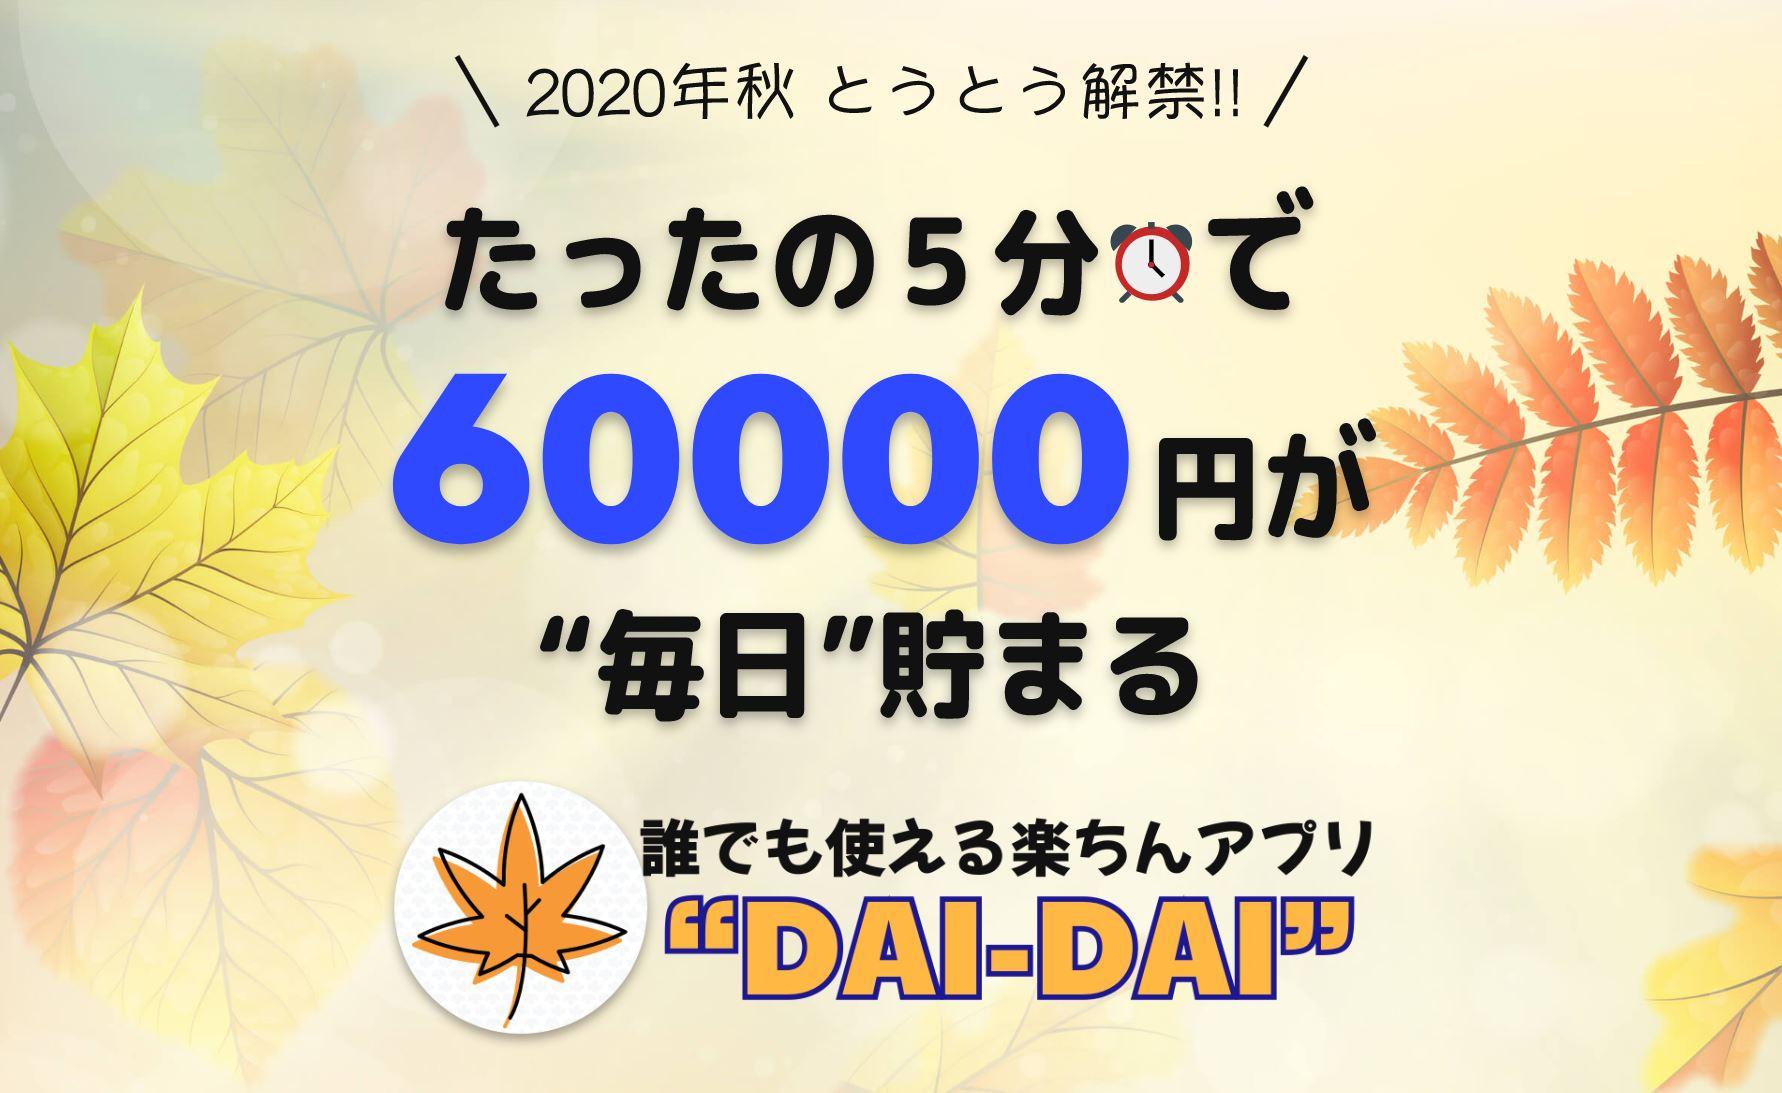 2020年秋 たったの5分で60000円毎日貯まる DAI-DAIは稼げる?副業調査